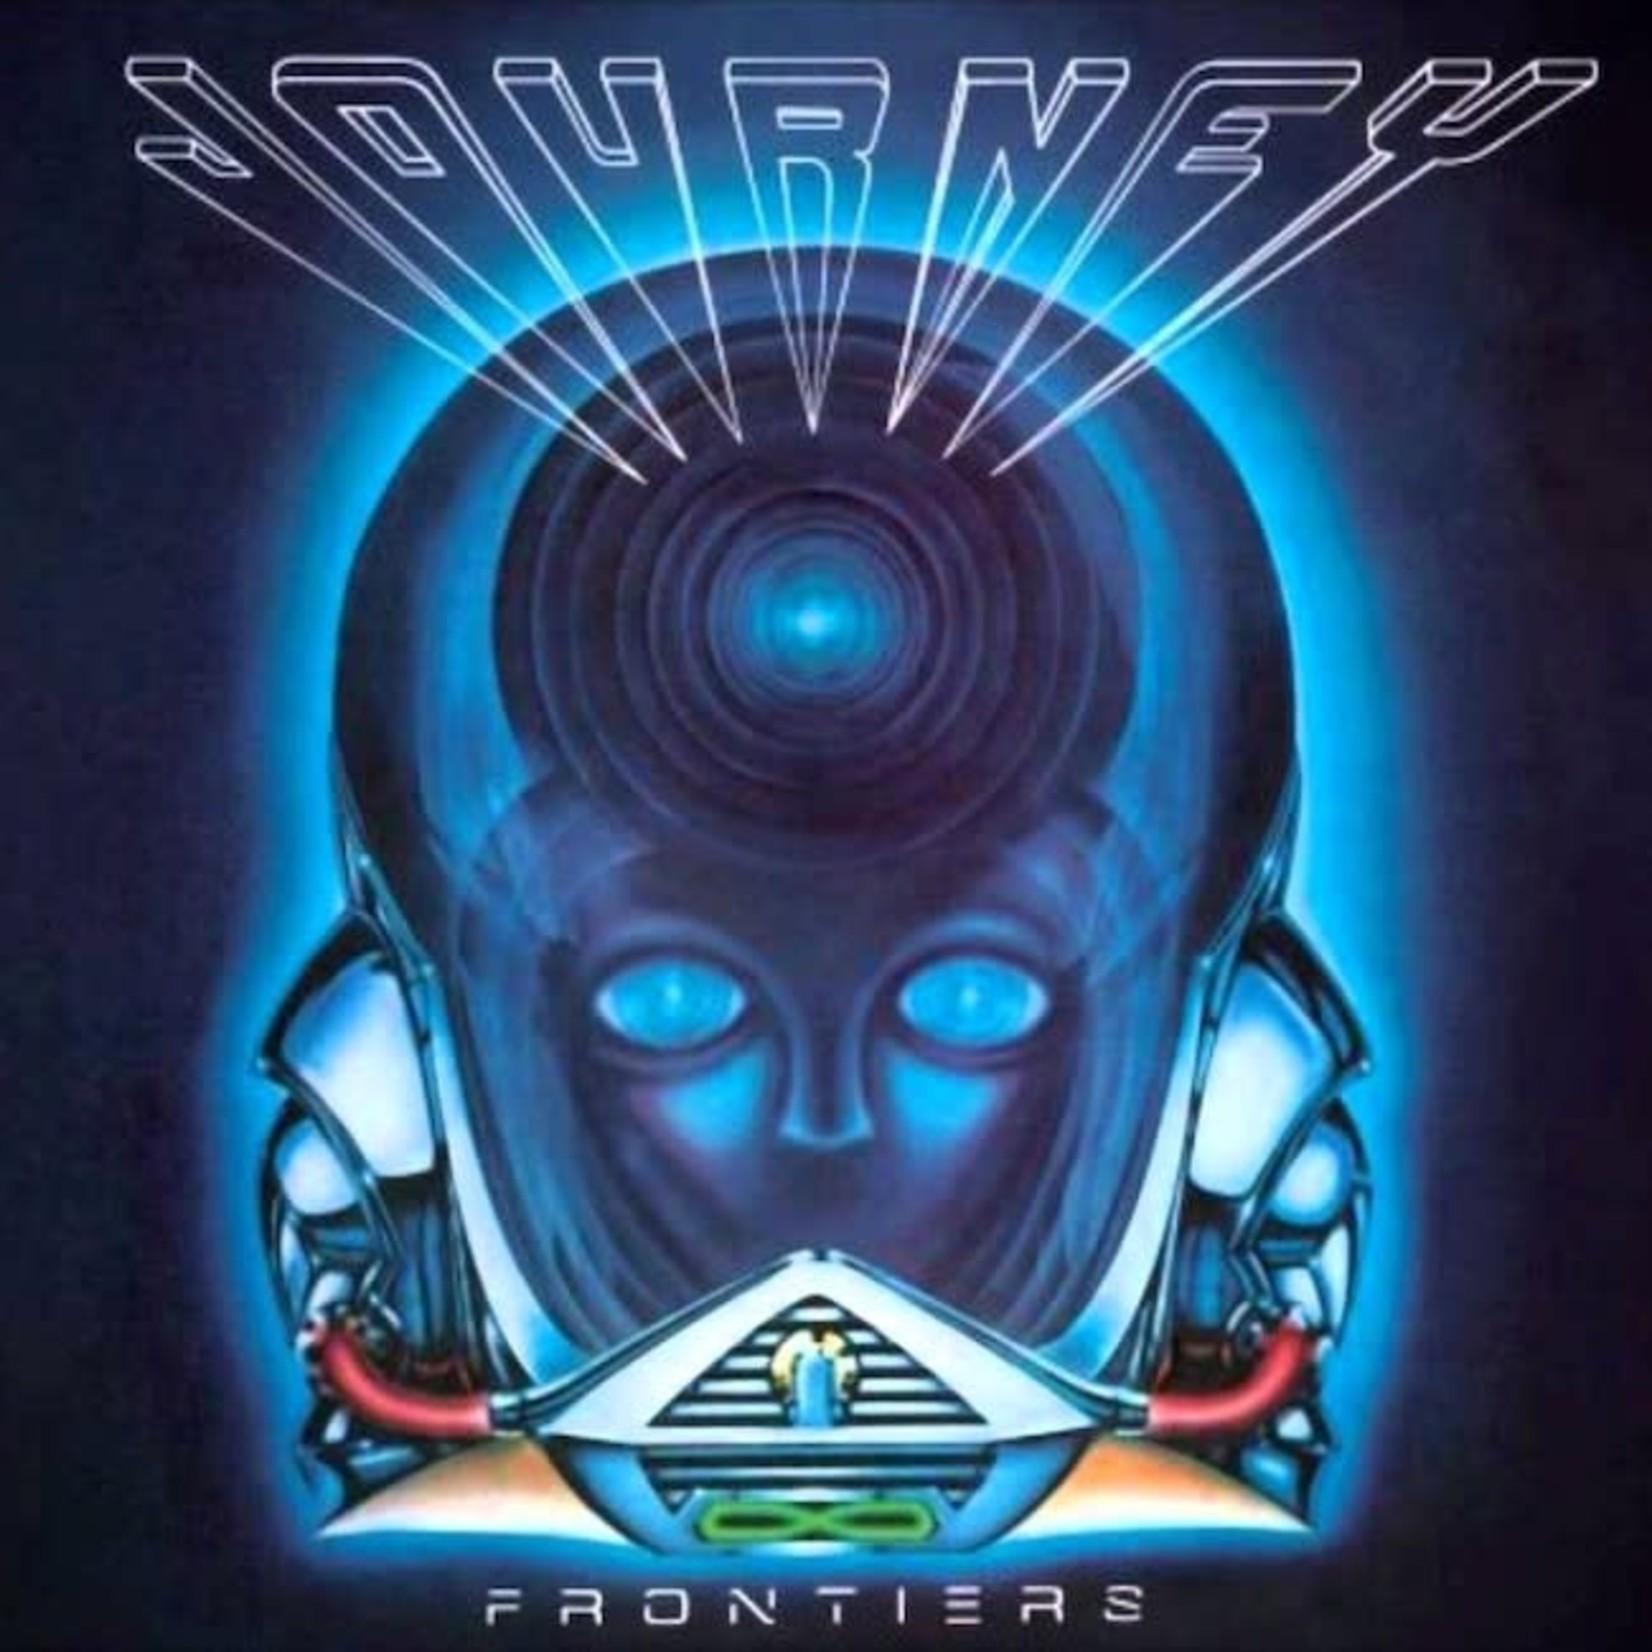 [Vintage] Journey: Frontiers